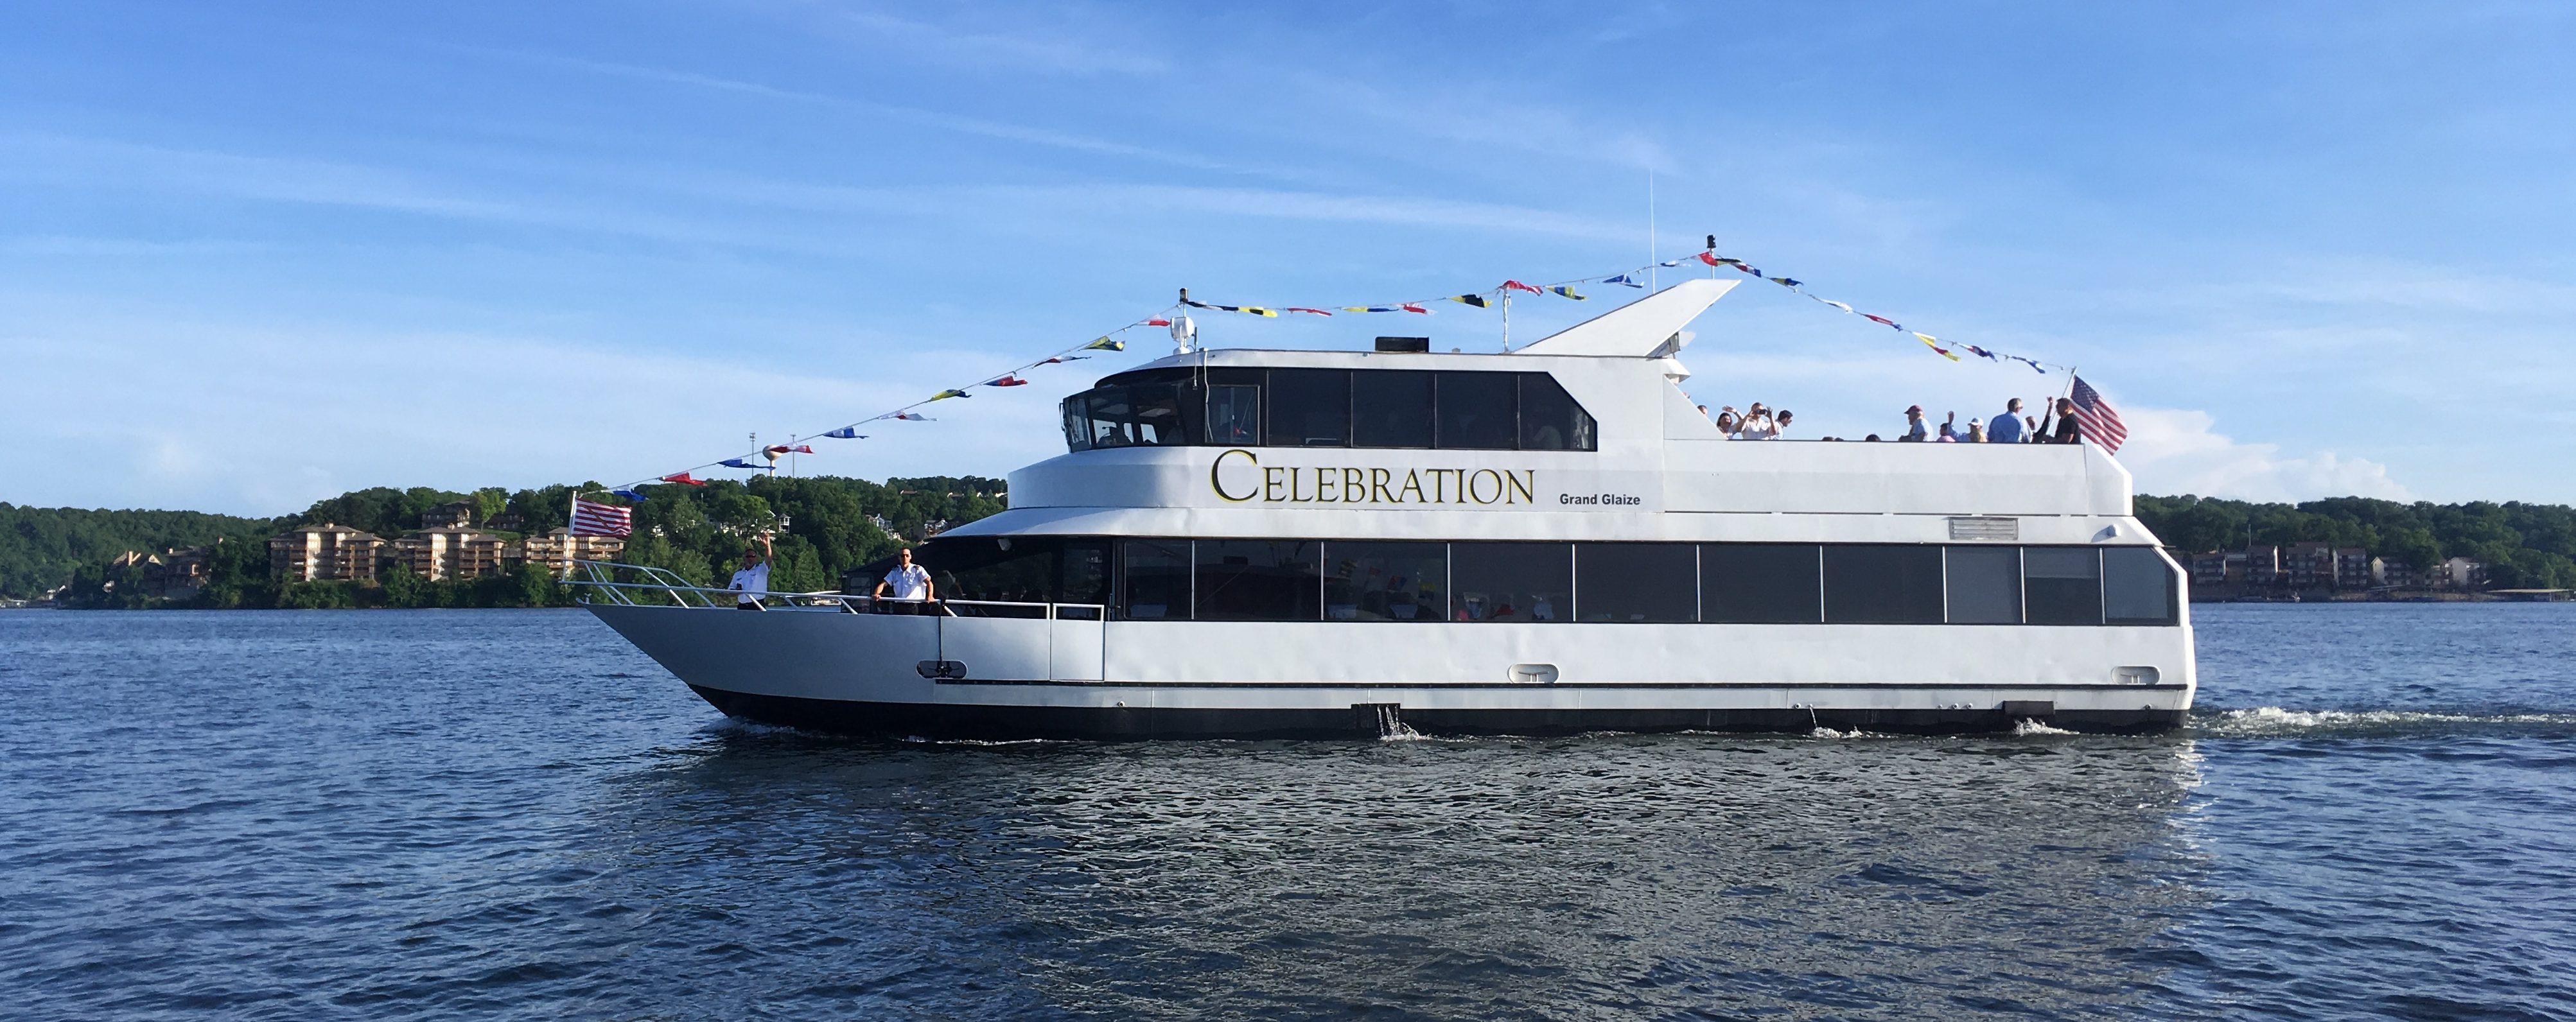 Celebration Cruise Ship